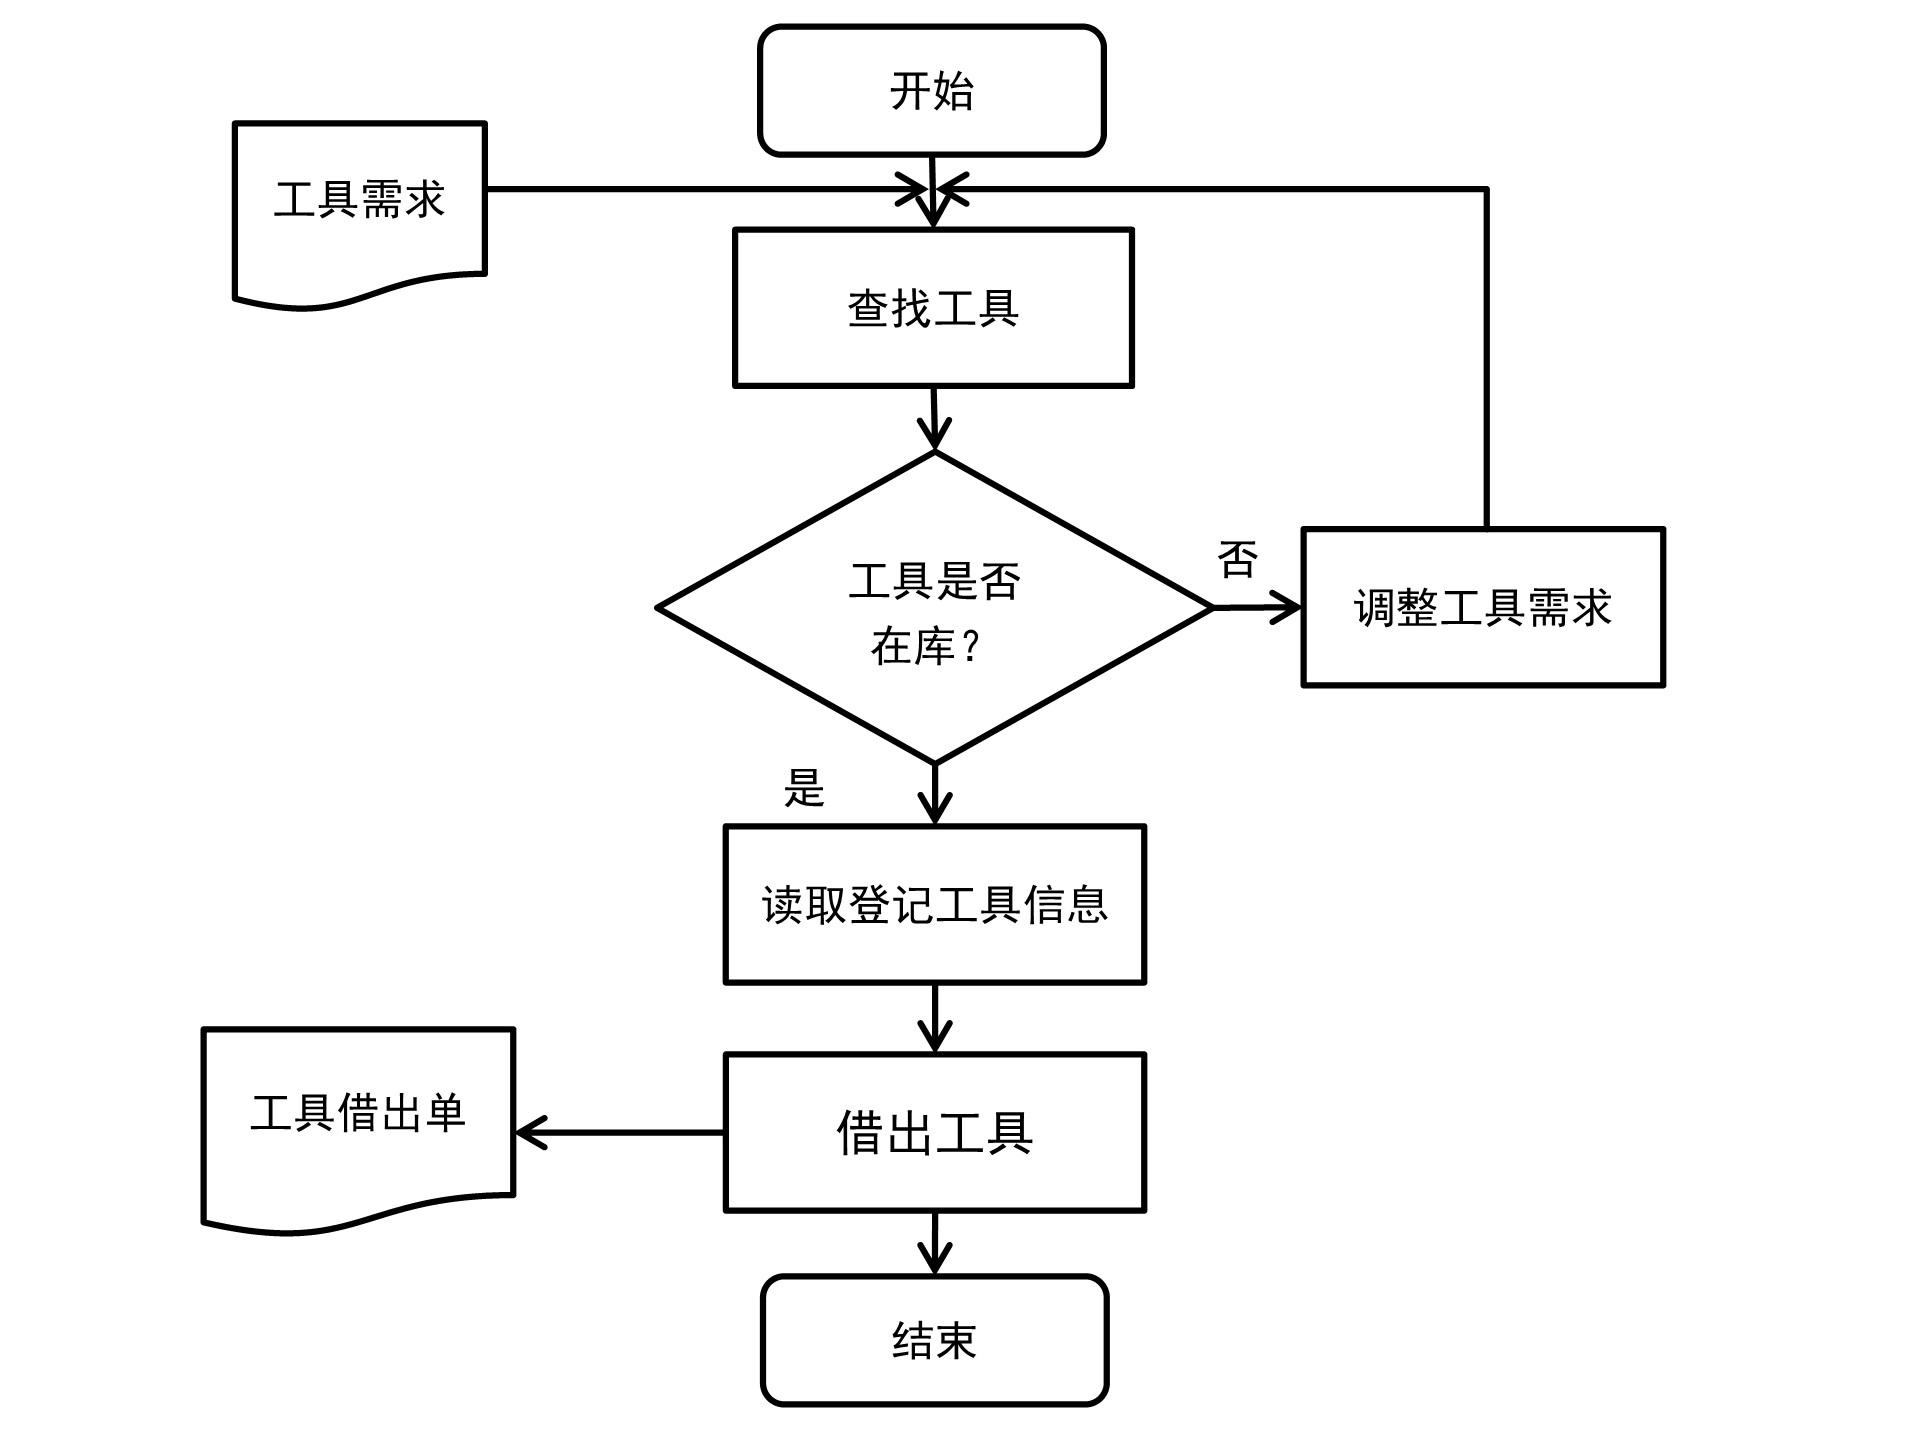 RFID工具借出 流程